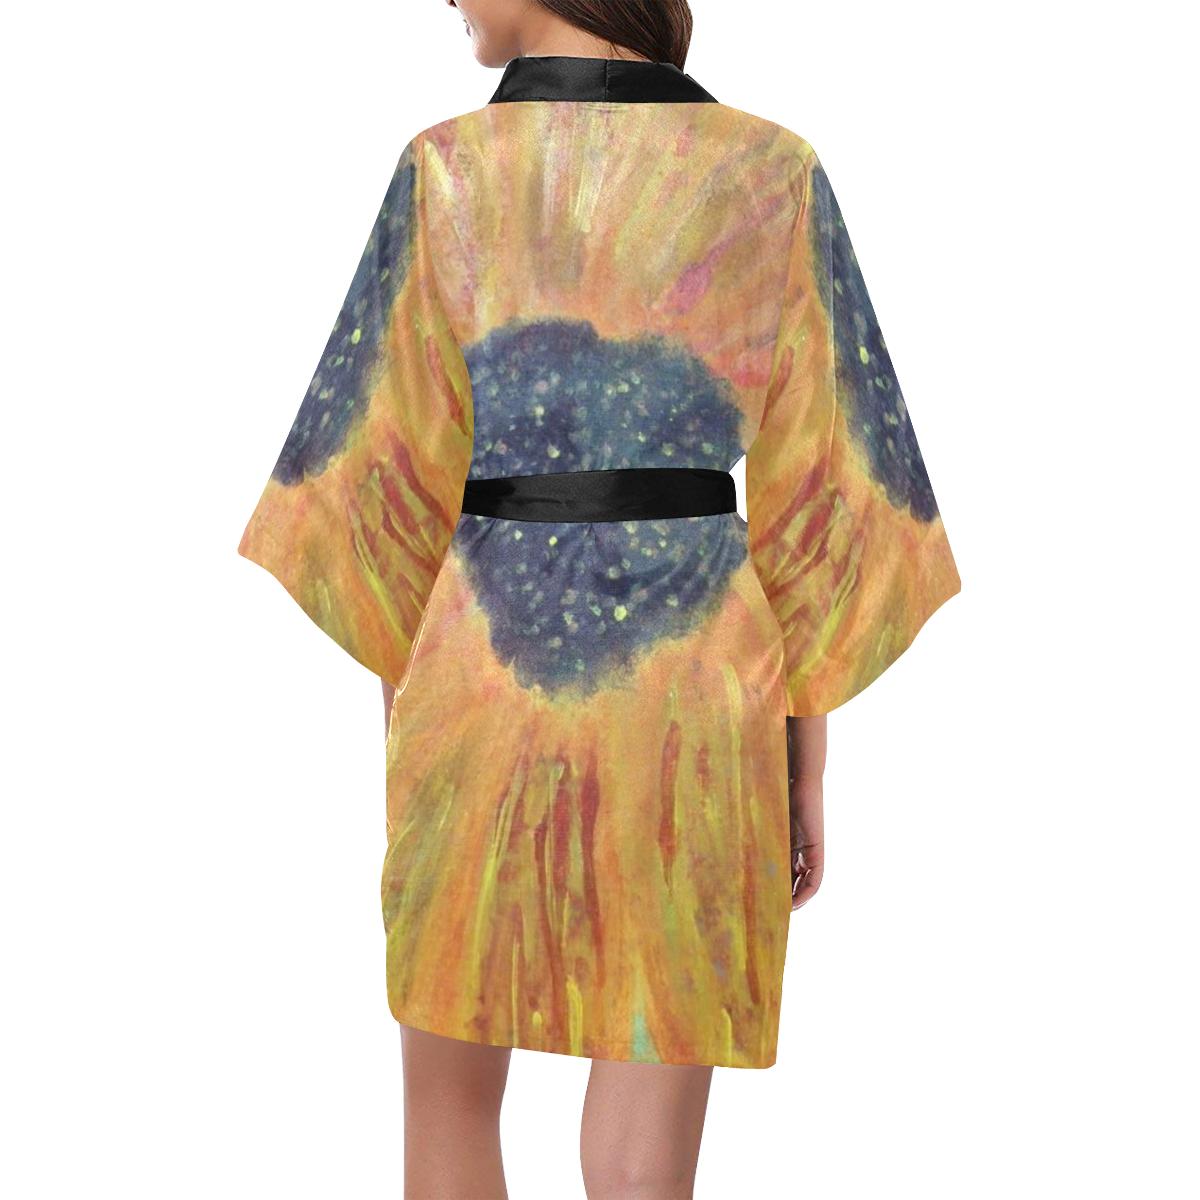 Gerbera Daisy Kimono Robe